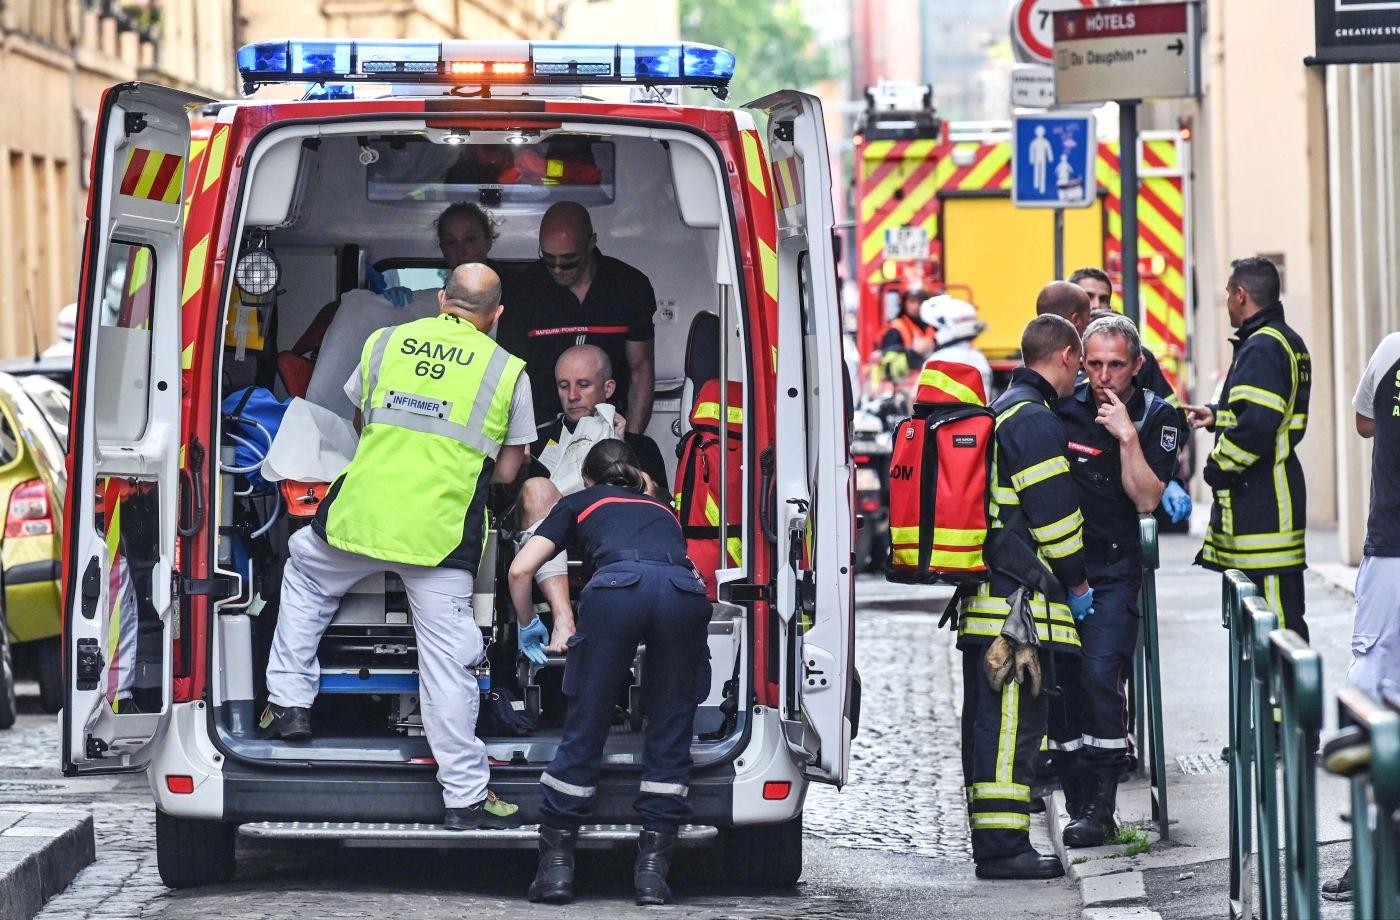 Trece heridos en atentado con paquete bomba en ciudad francesa